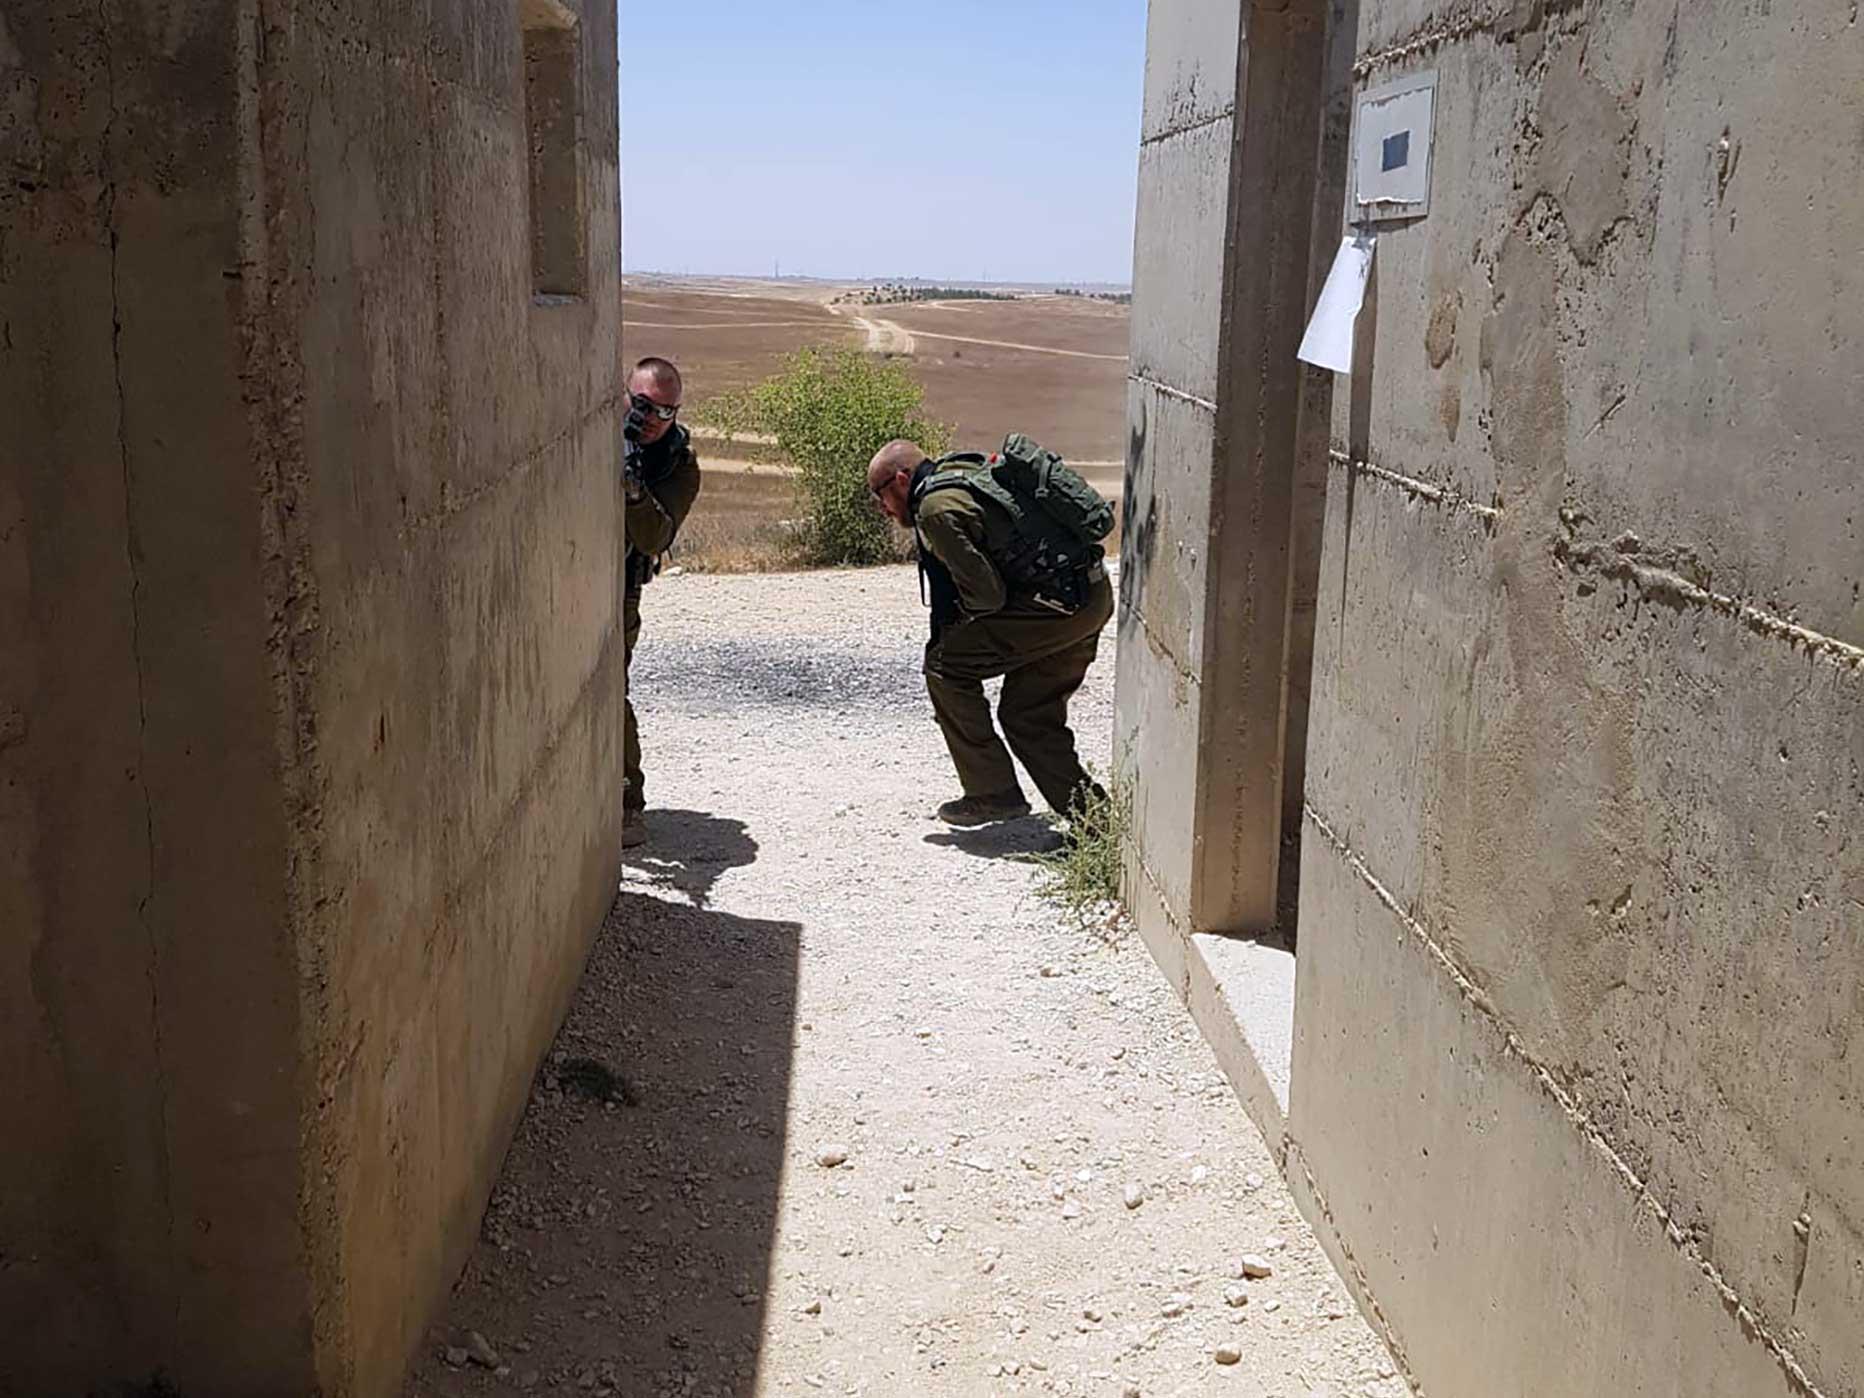 manuel spadaccini e daniele cattaneo addestramento in israele esercitazione di tiro cqb